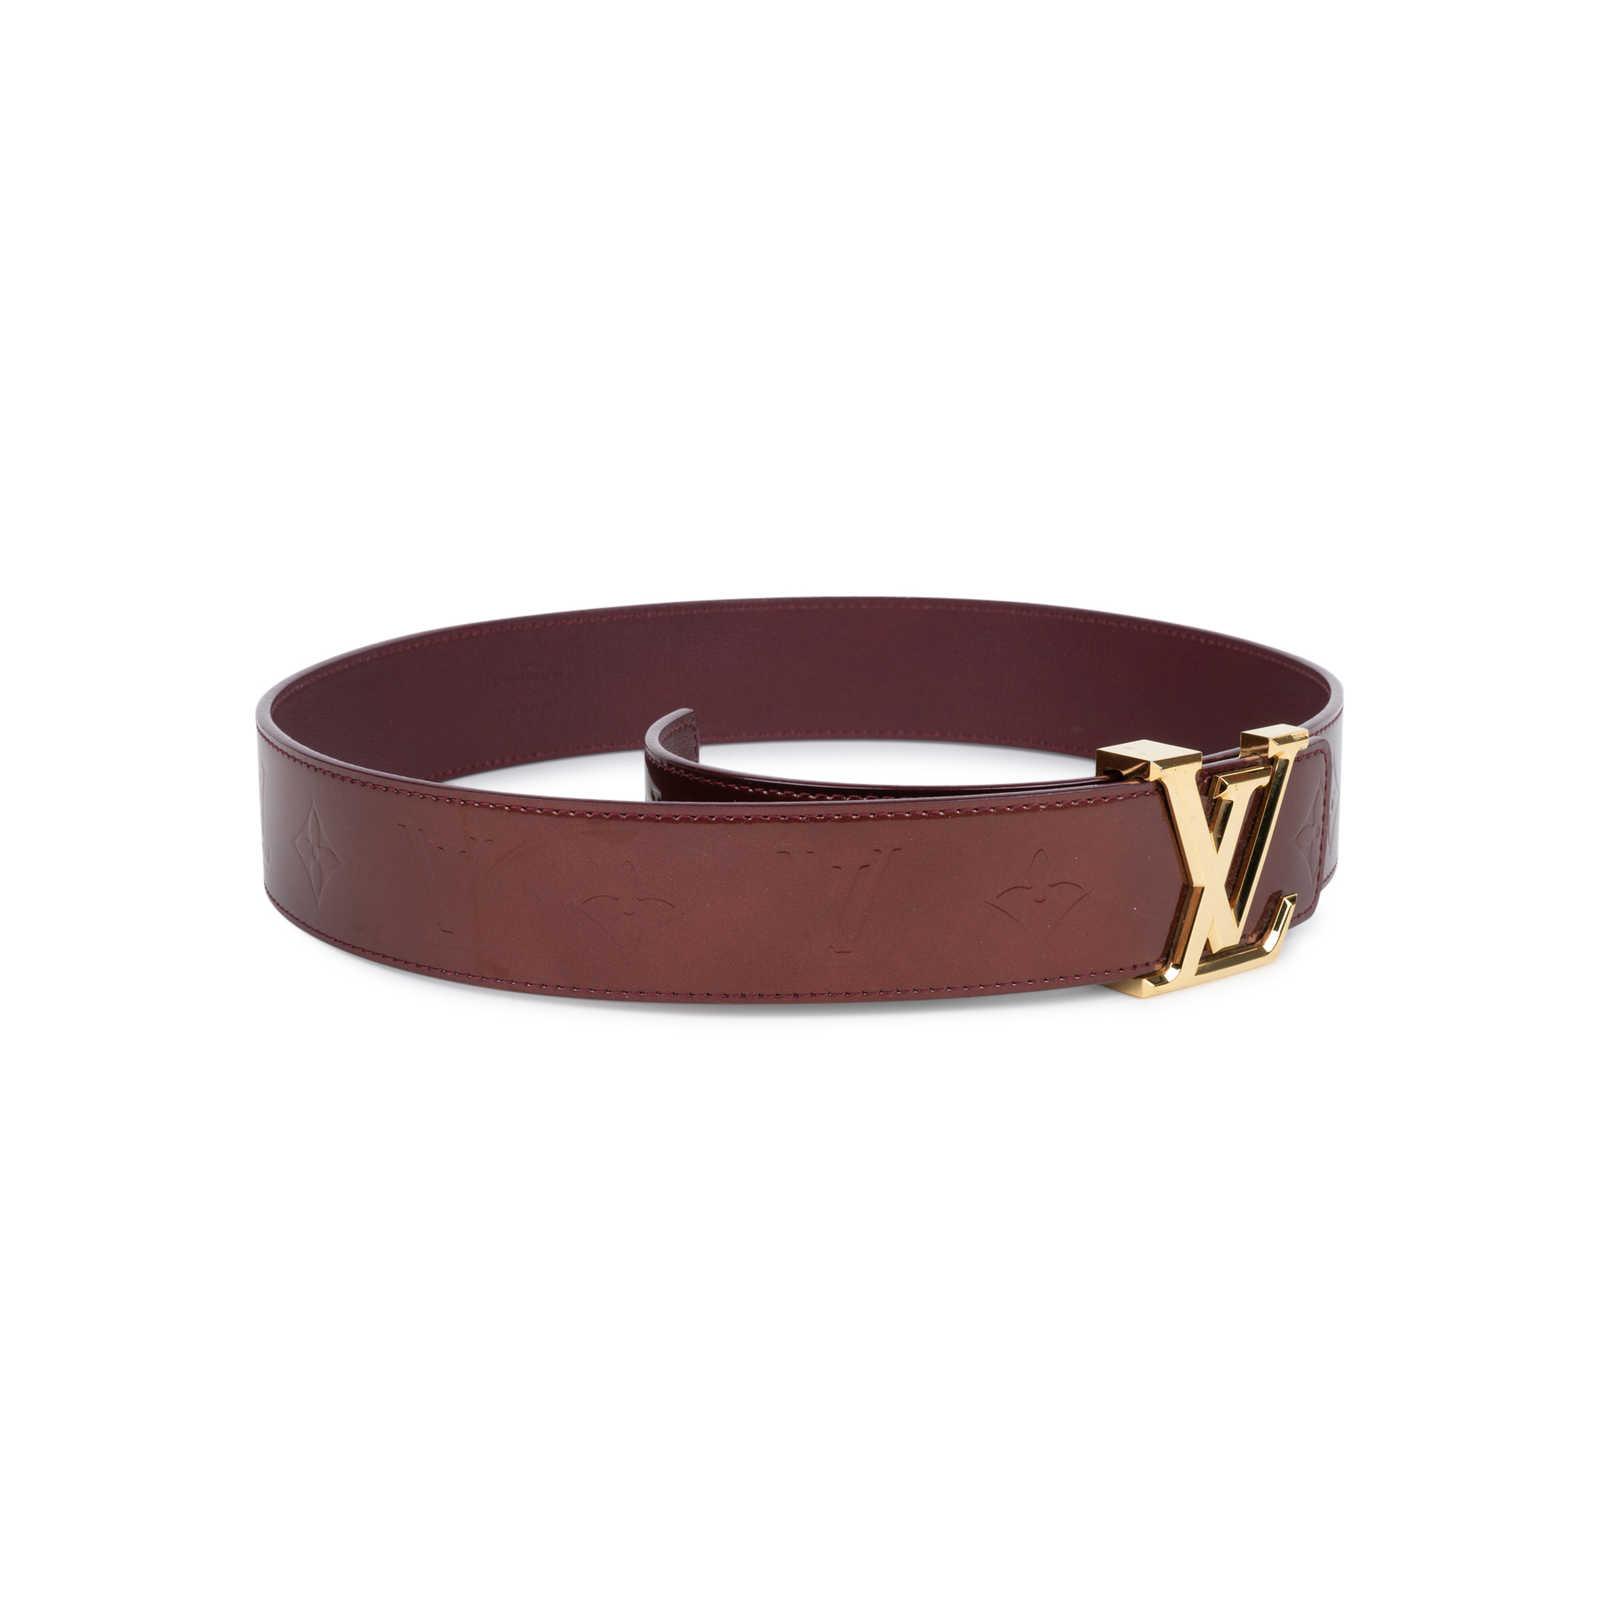 Authentic Second Hand Louis Vuitton Monogram Vernis LV Belt